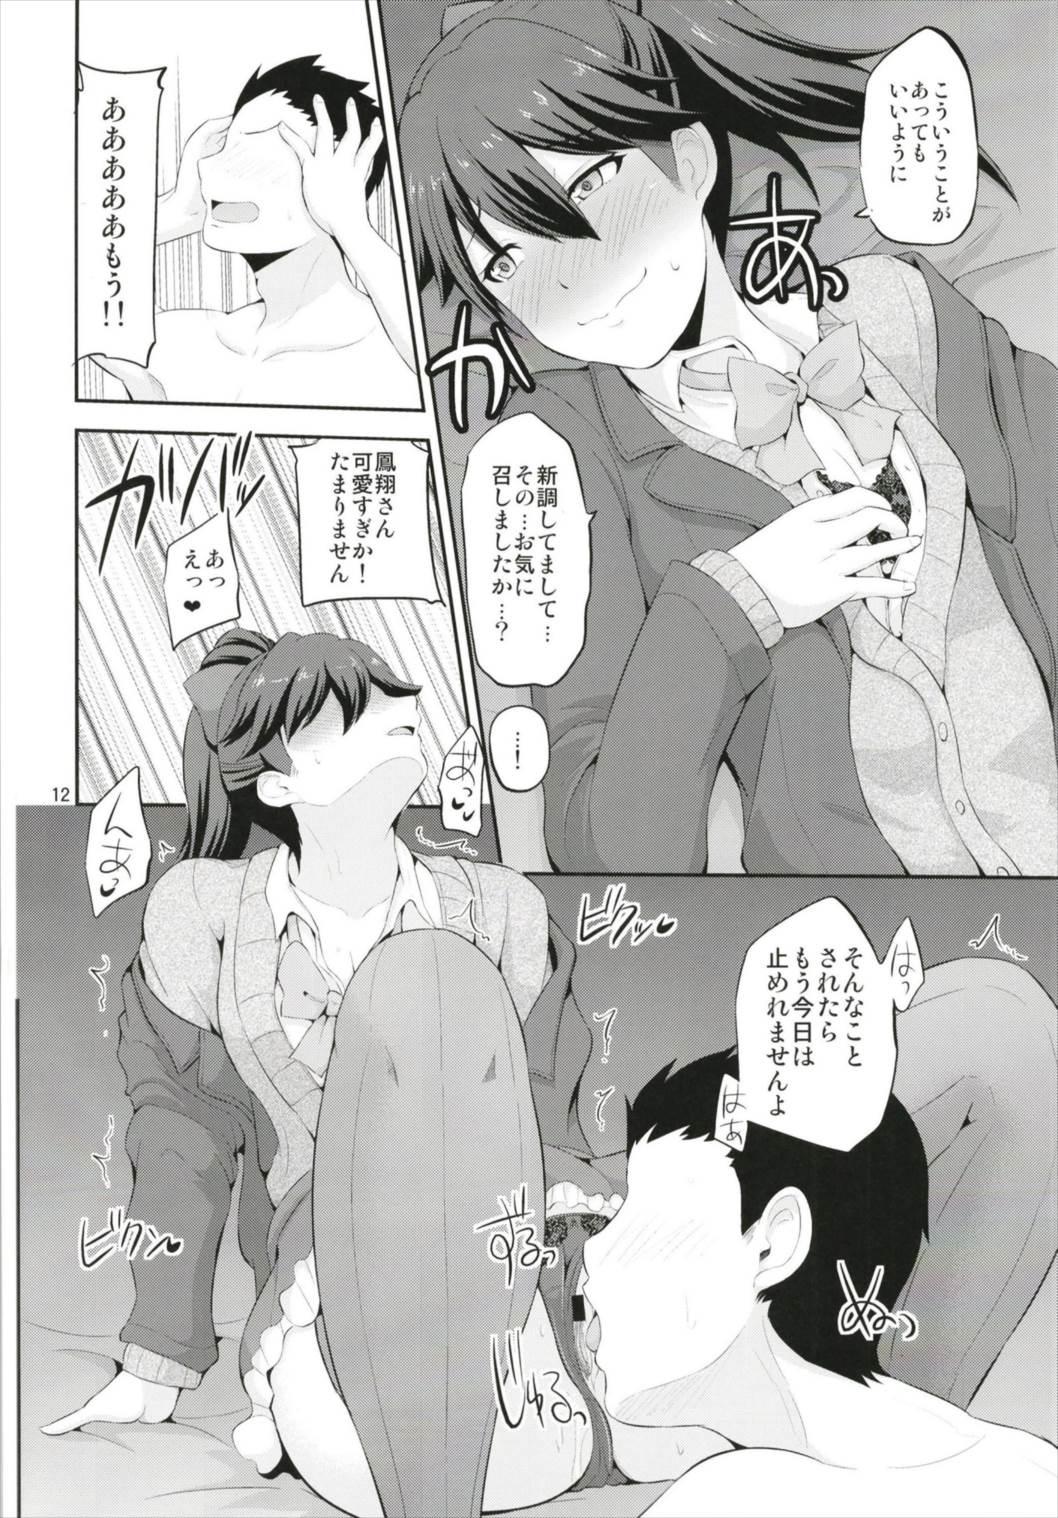 JKコスプレをして「センパイ」と呼んでくれる鳳翔さんと騎乗位セックス♪【艦これ エロ漫画・エロ同人】 (11)